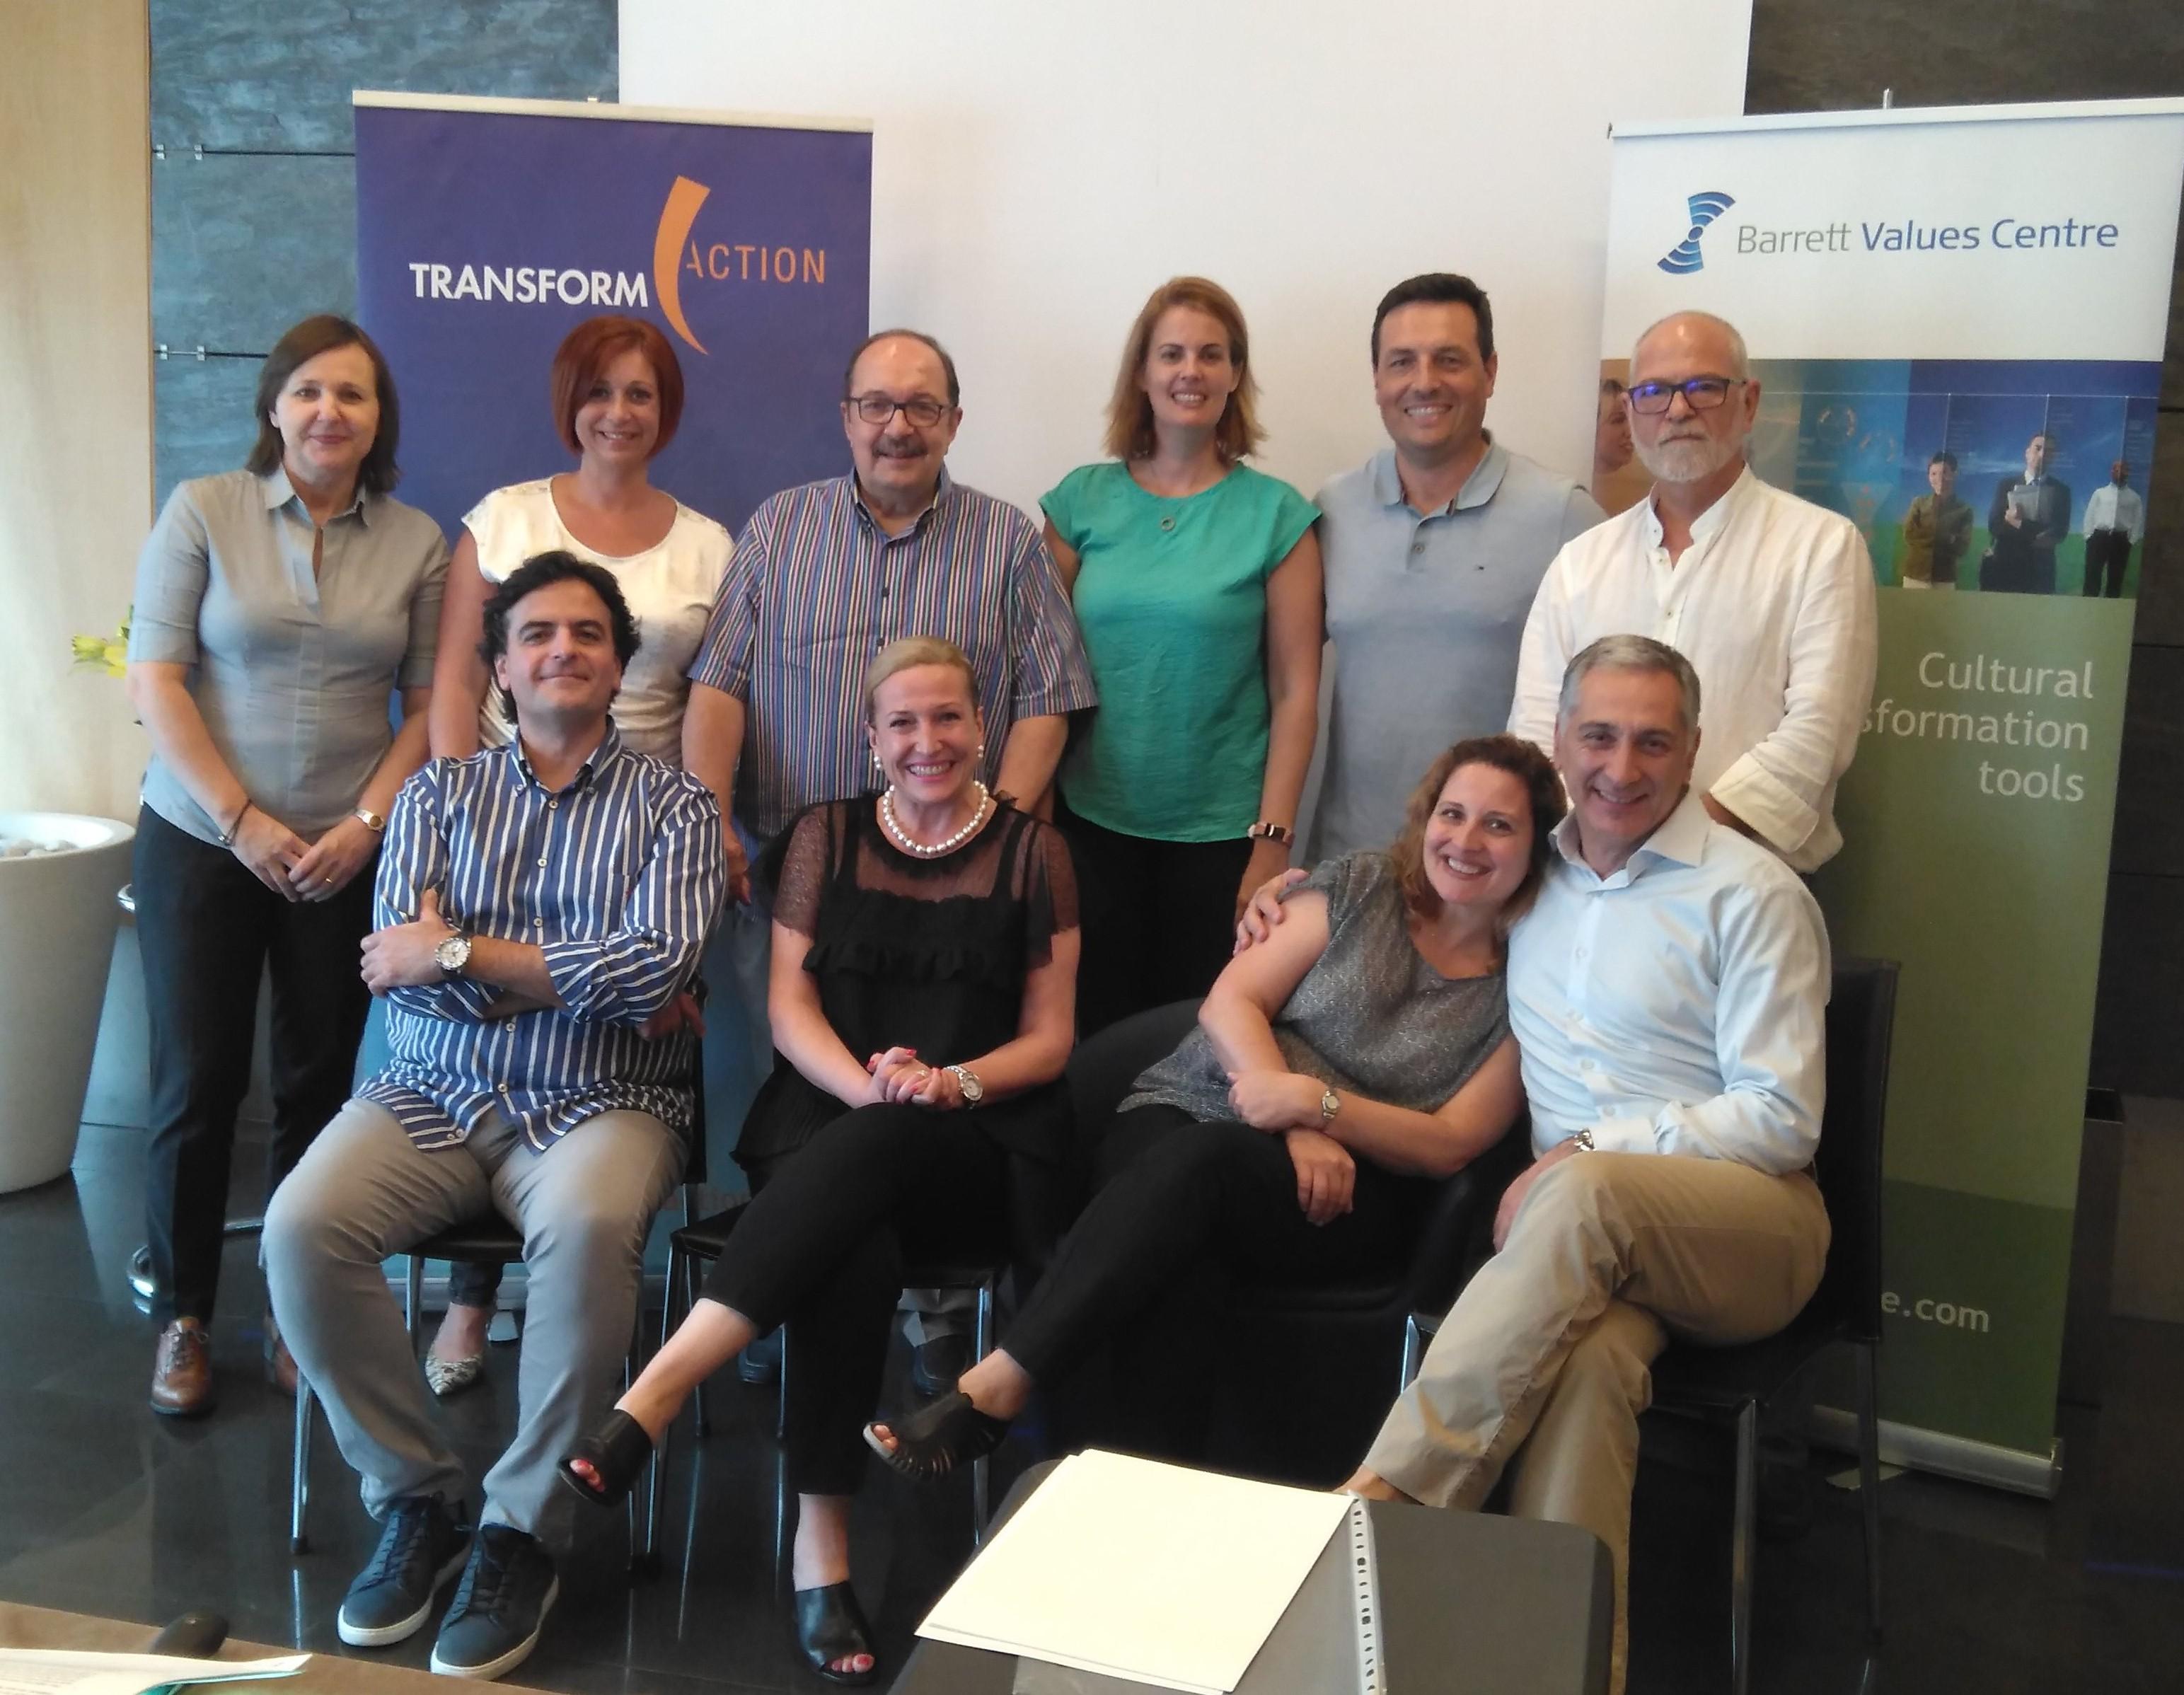 Certificación CTT Madrid. Julio: Bienvenidos al Network!